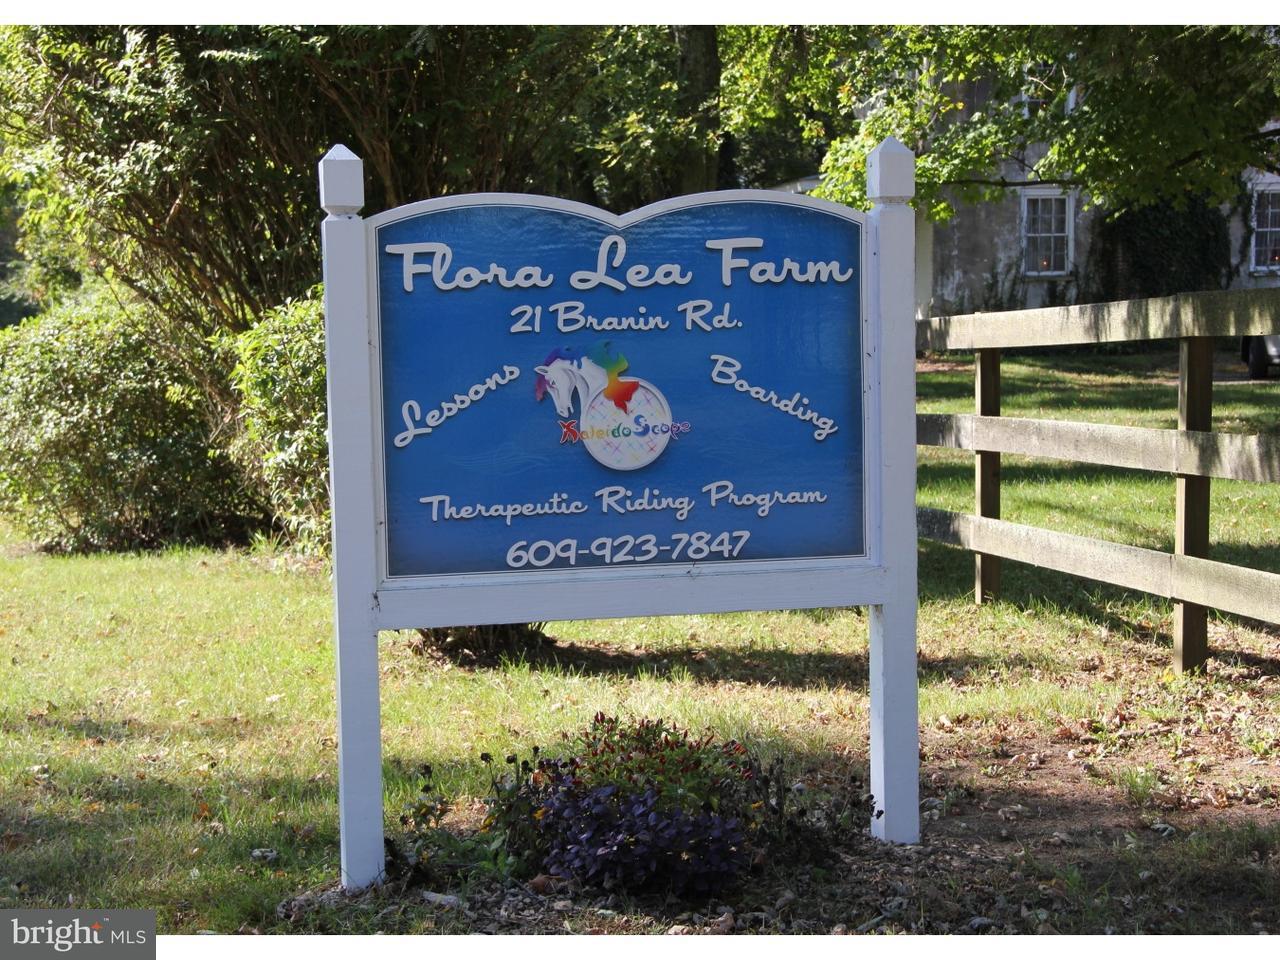 Частный односемейный дом для того Продажа на 21 BRANIN Road Medford, Нью-Джерси 08055 Соединенные Штаты